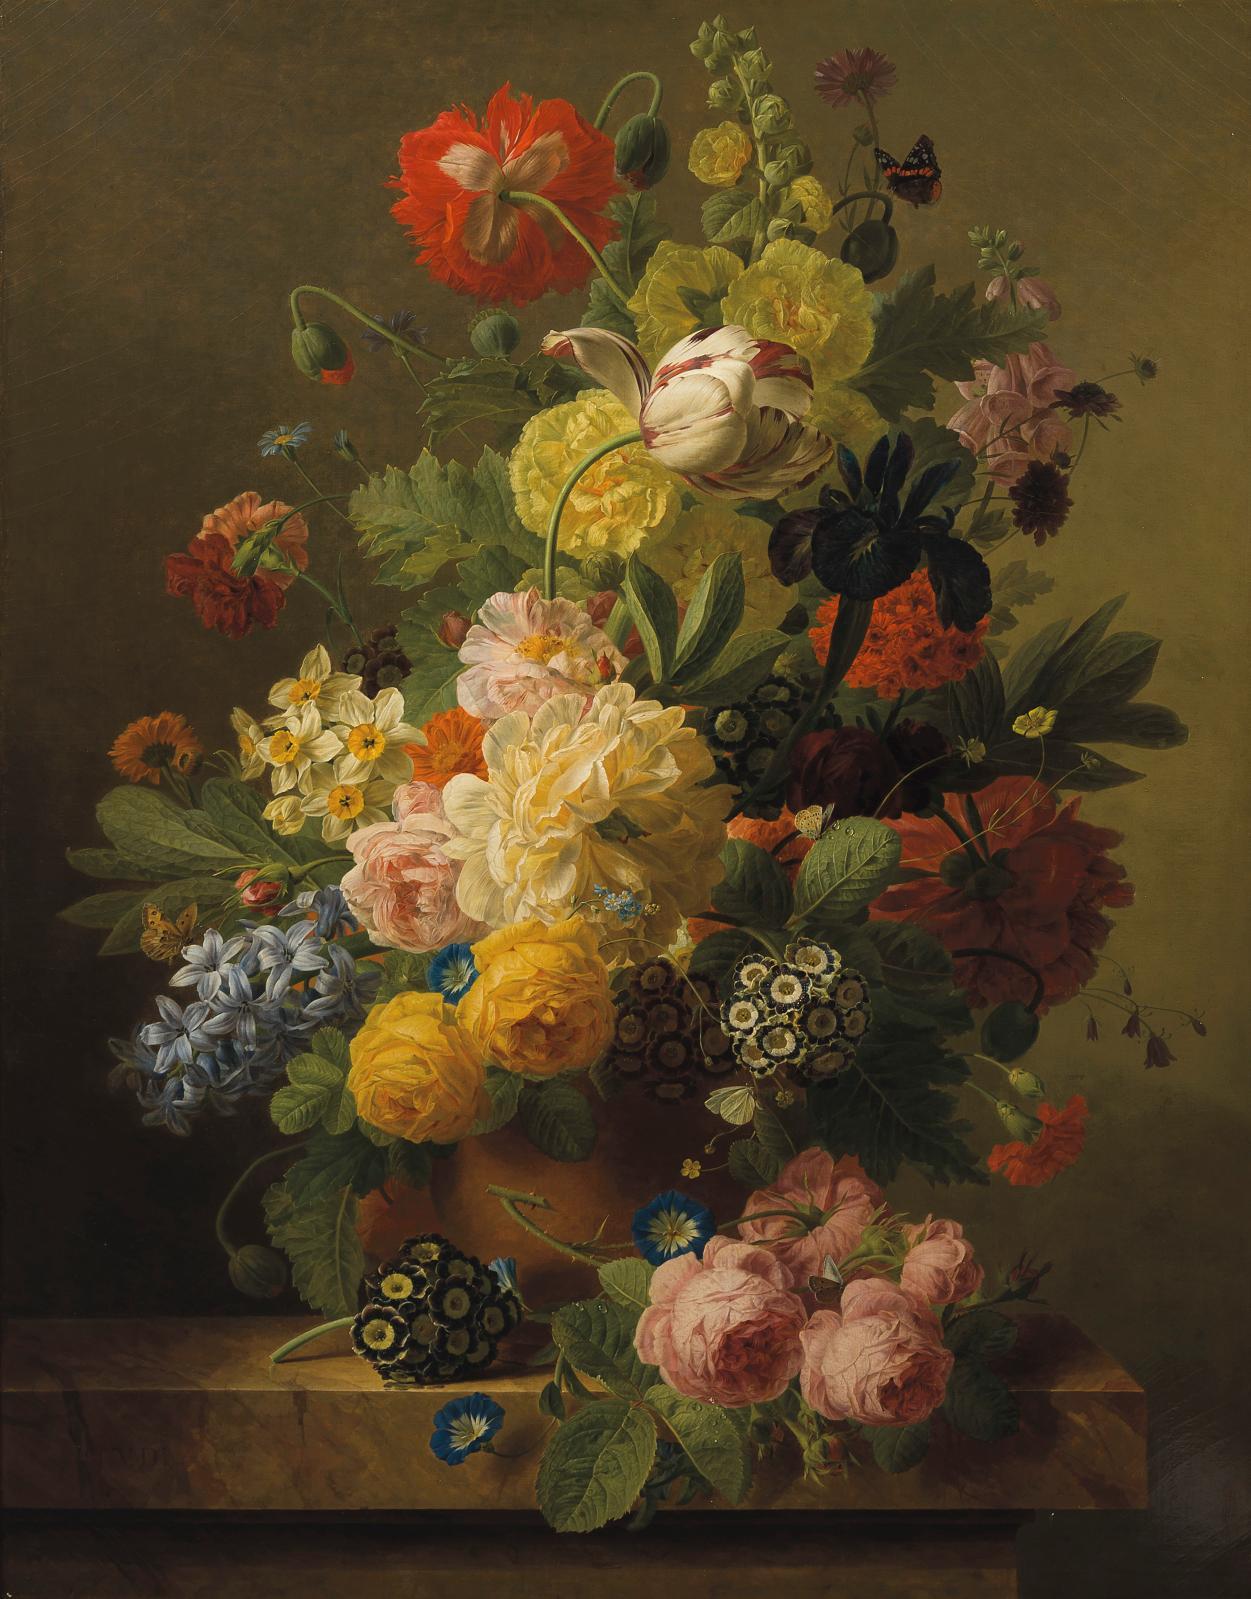 Jan Frans Van Dael (1764-1840), Bouquet de fleurs dans un pot en terre sur un entablement, huile sur toile, 93x75,5cm.Adjugé: 261580